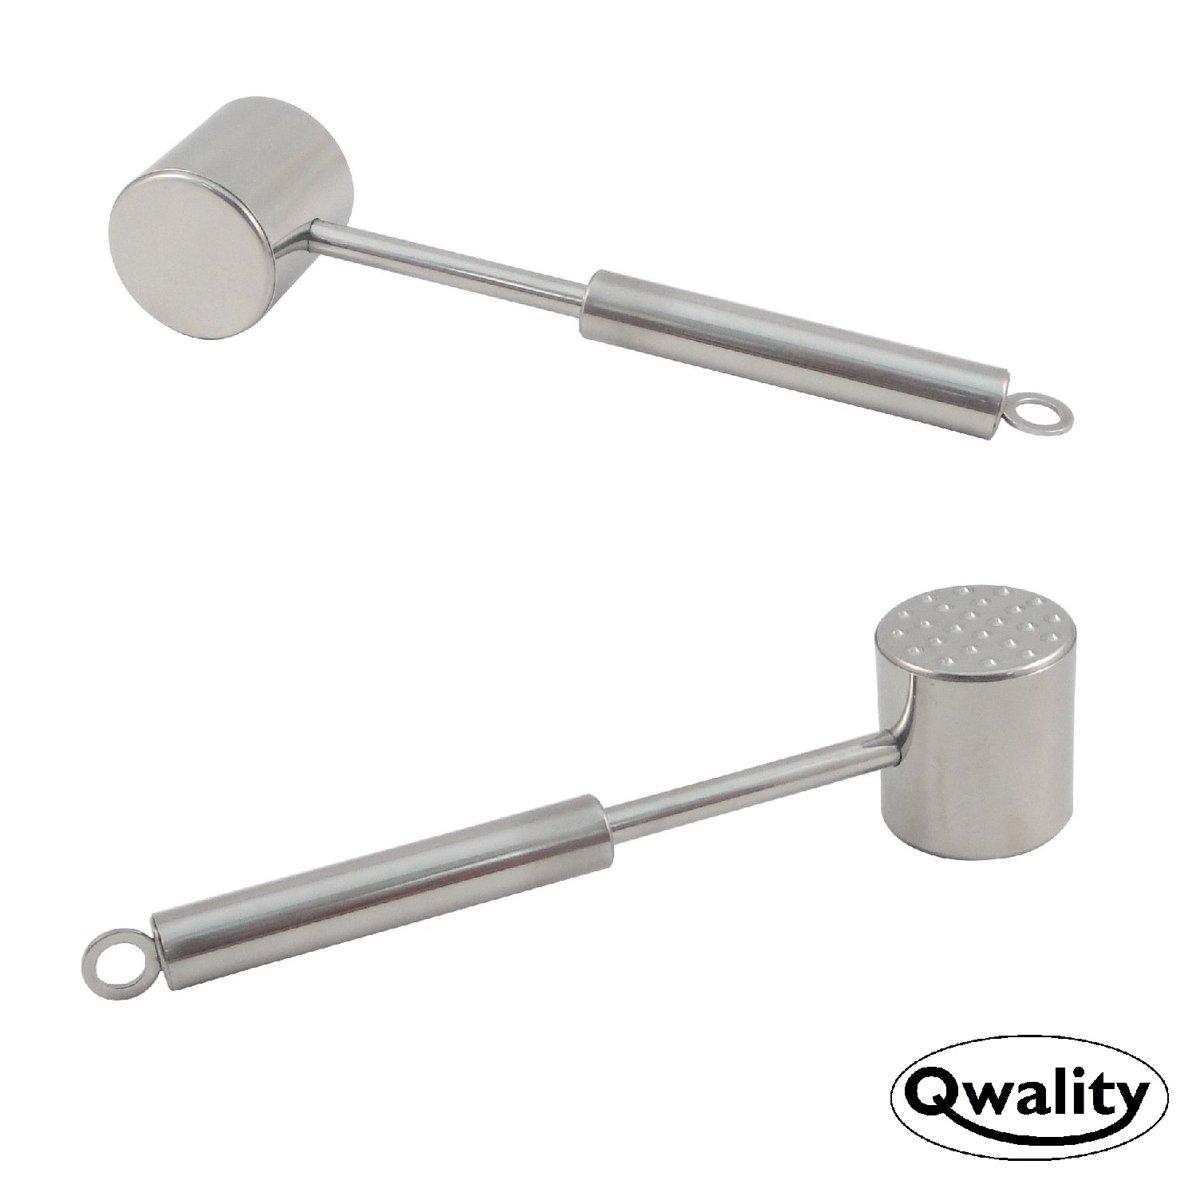 Vleeshamer - Meat tenderizer - Vlees vermalser hamer - RVS Tenderizing Flattening - Qwality4u kopen